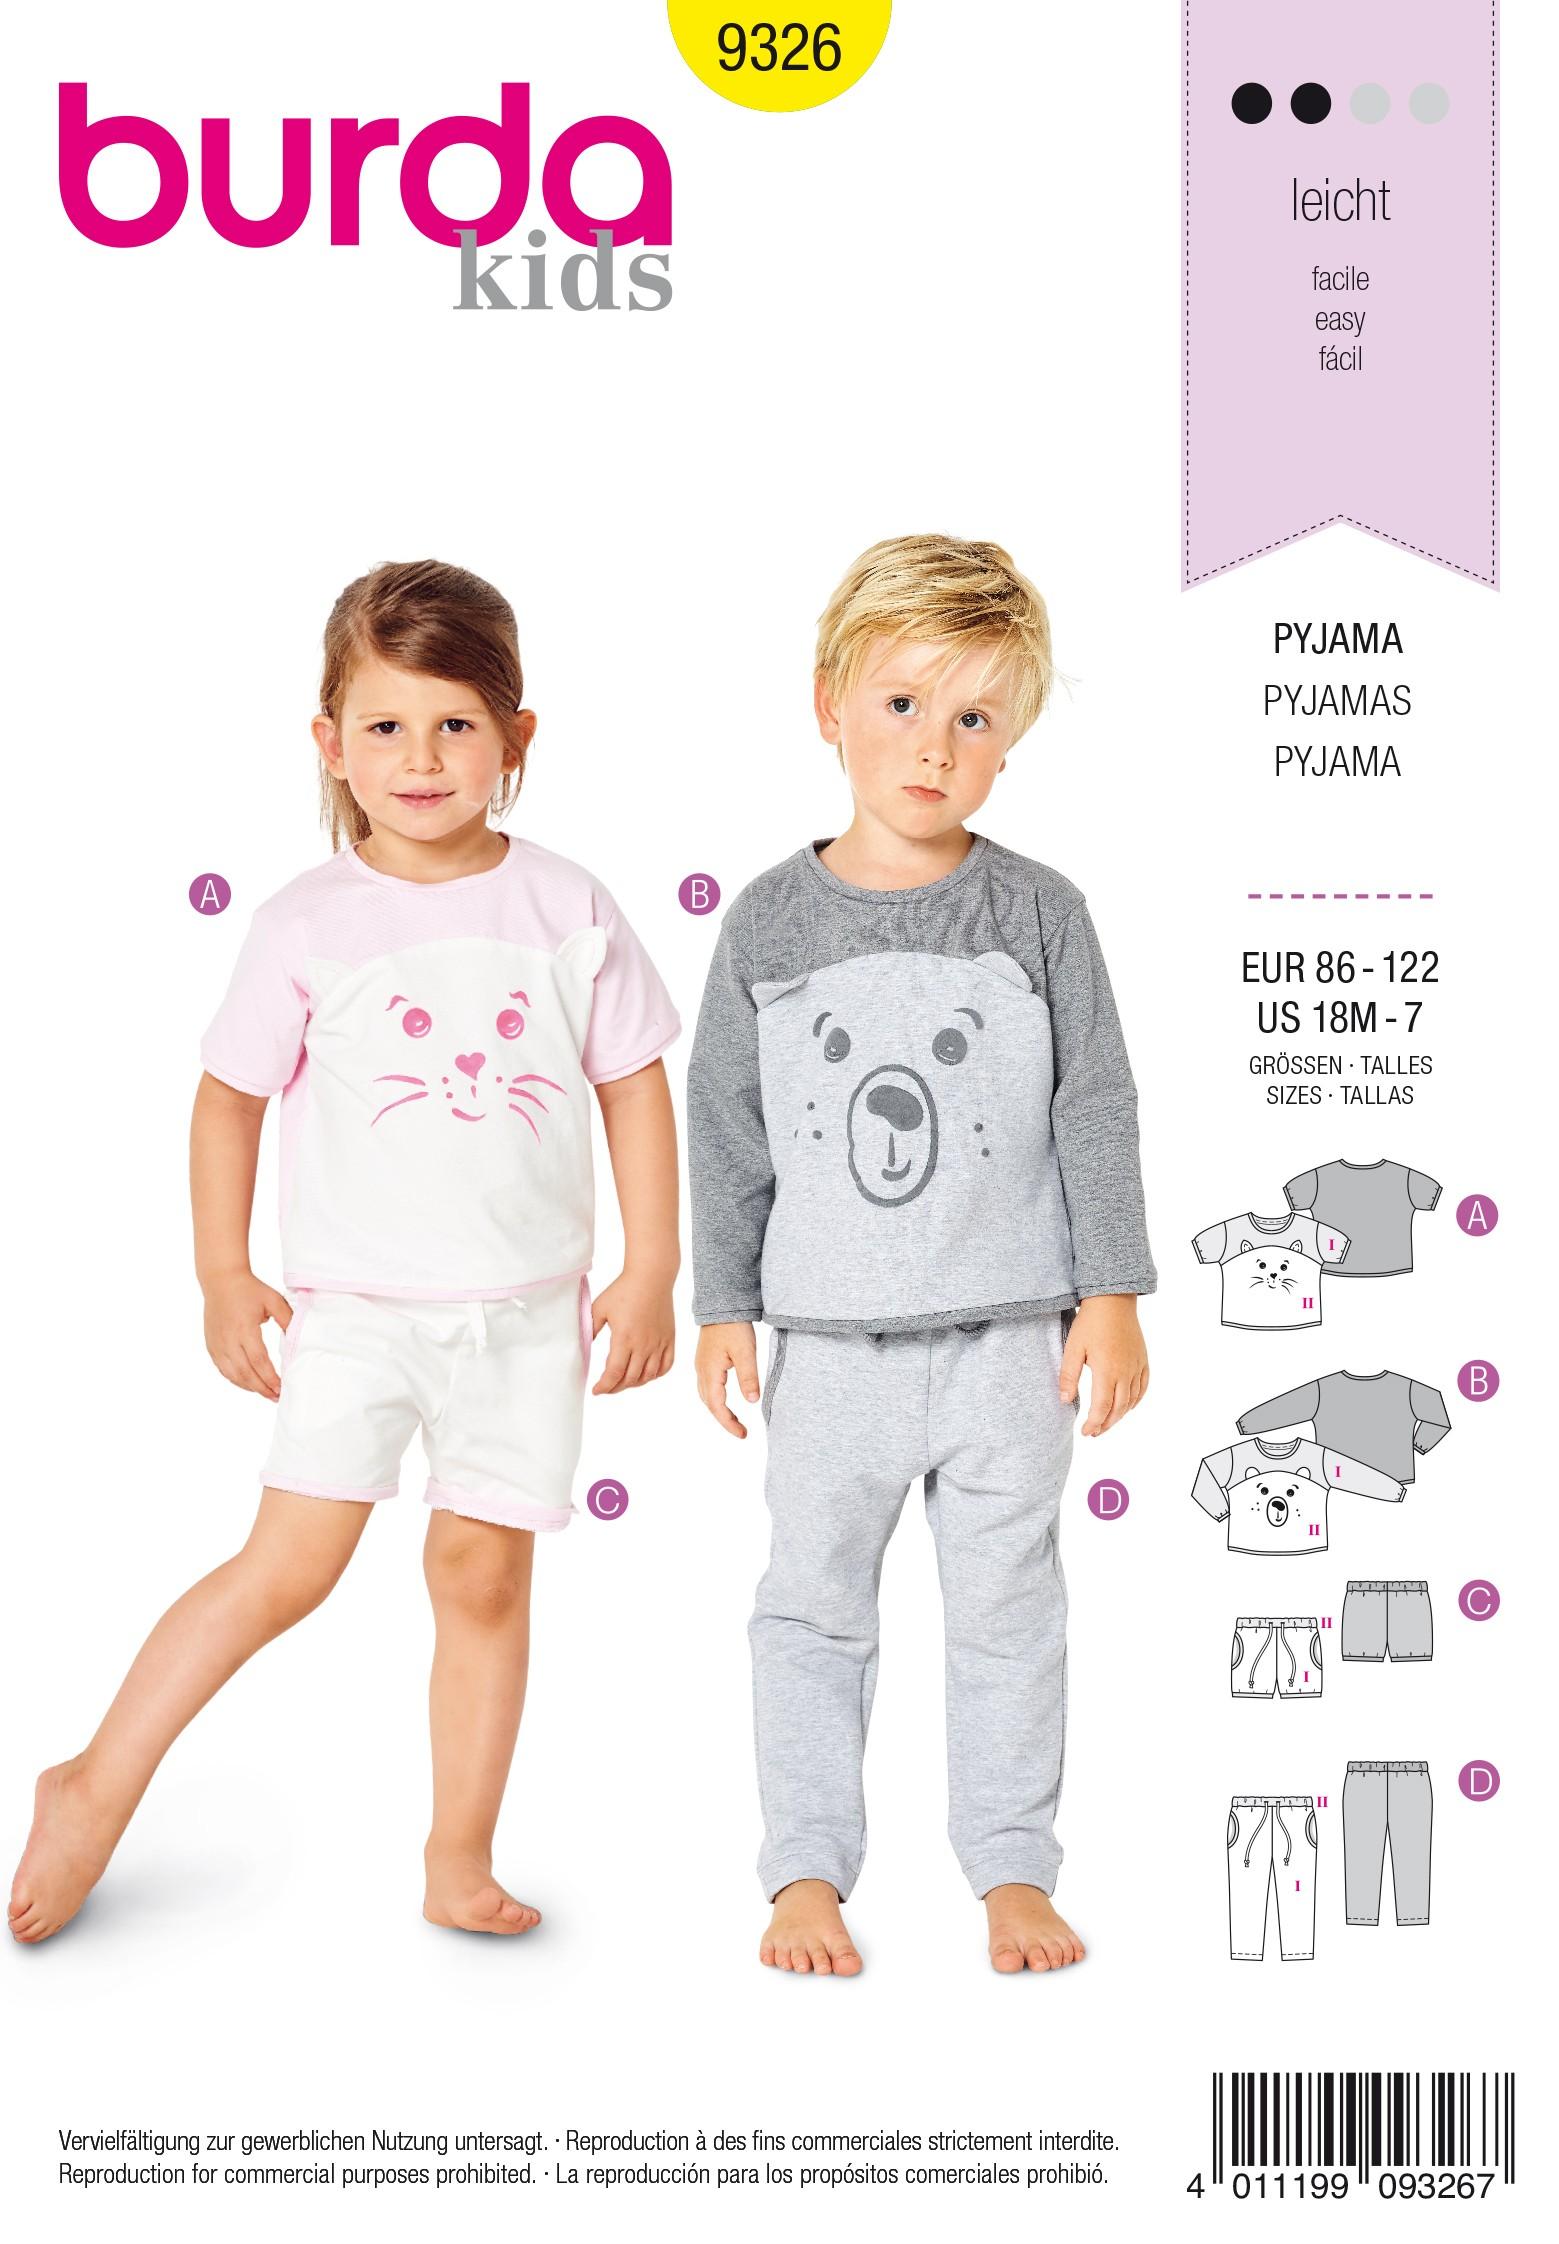 cd04548ce5 Pajamas Sewing Pattern - Burda Kids N°9326